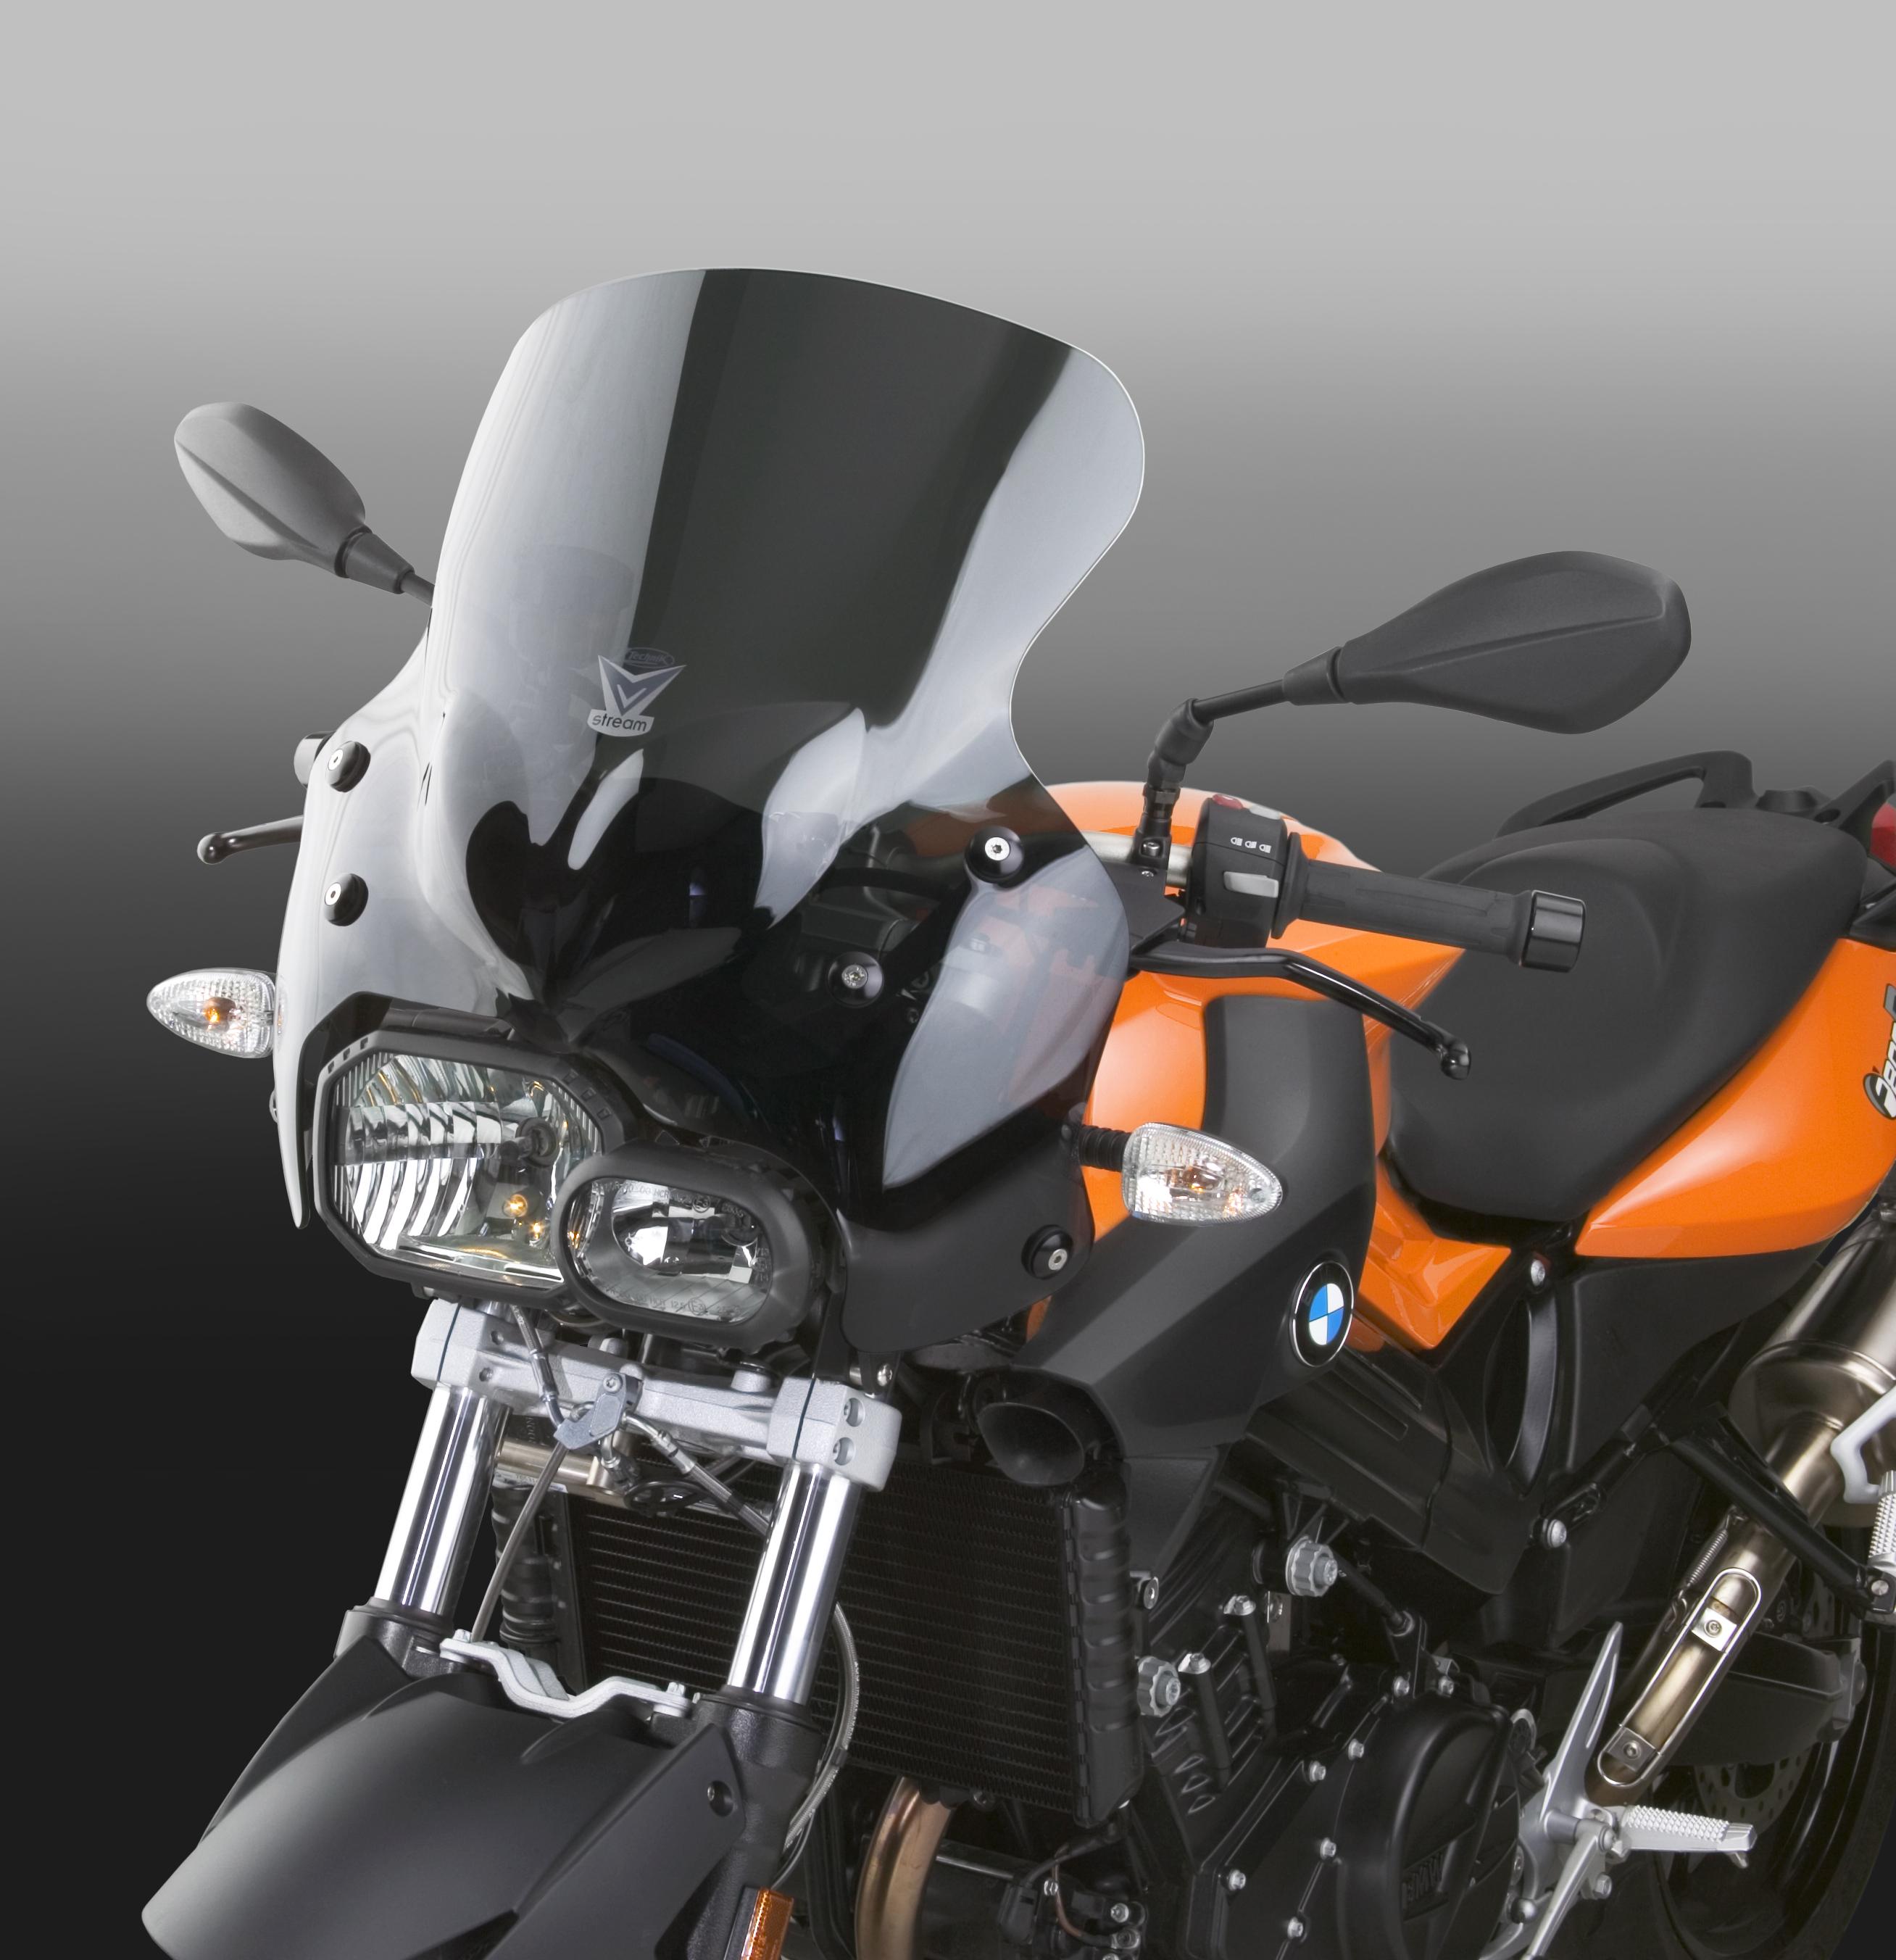 New Ztechnik VStream Windshields For BMW R1200GS, R1200R